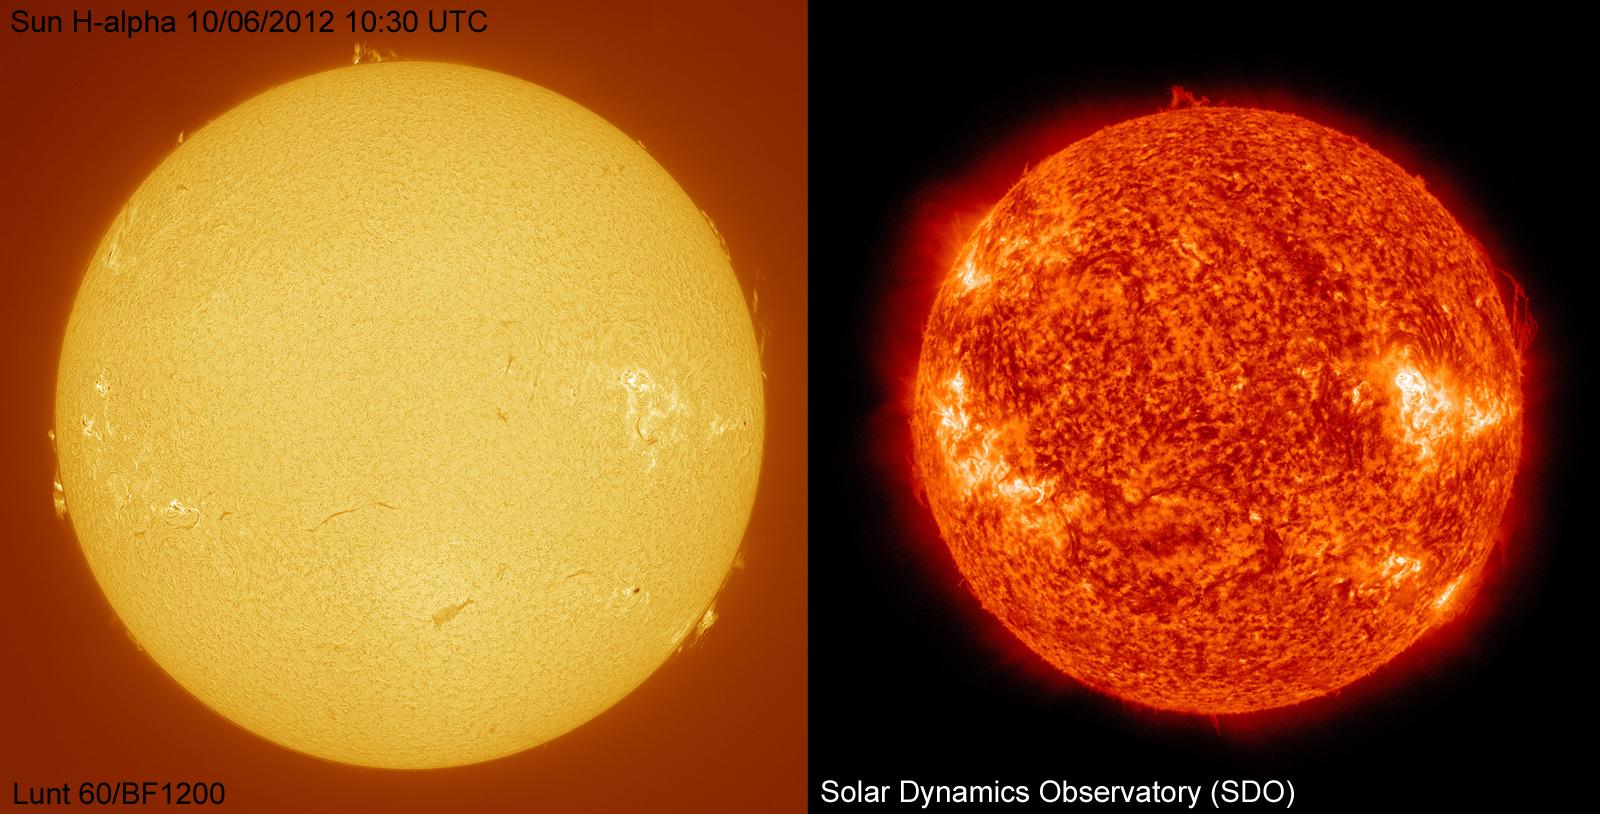 Sun in h-alpha 10-06-2012 compared with SDO data